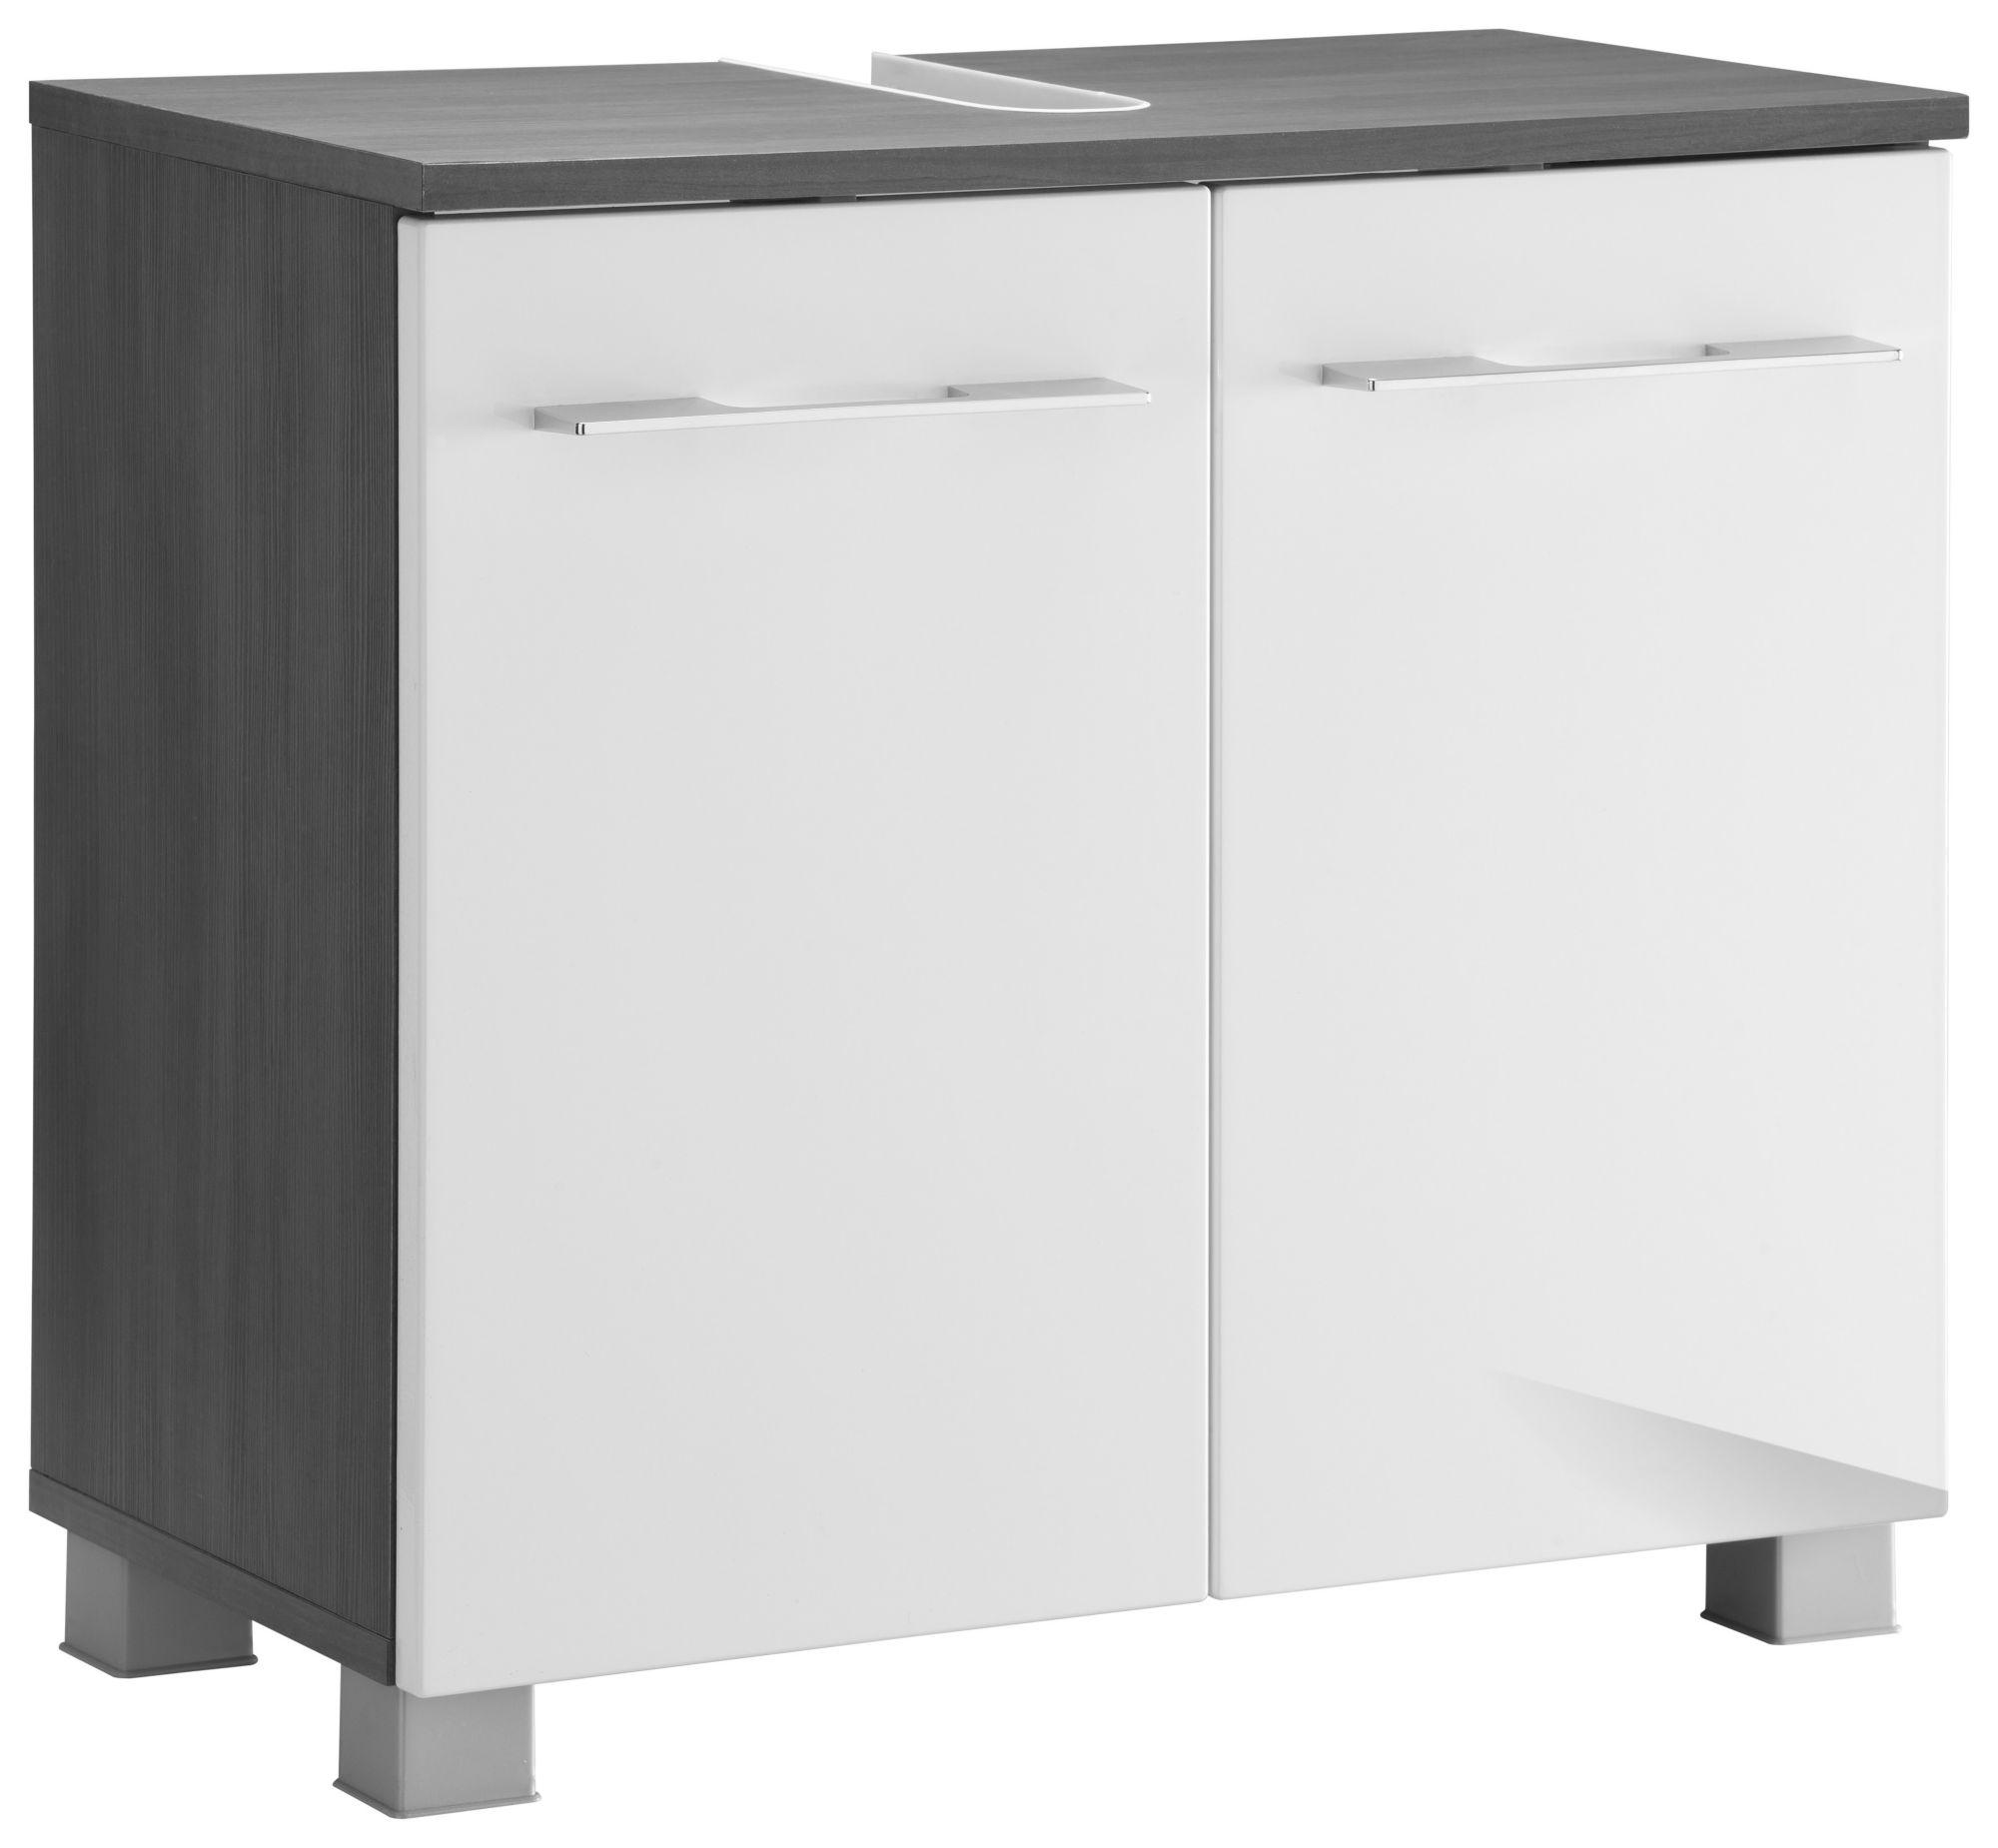 waschbeckenunterschrank 70 cm hoch die m bel f r die k che. Black Bedroom Furniture Sets. Home Design Ideas